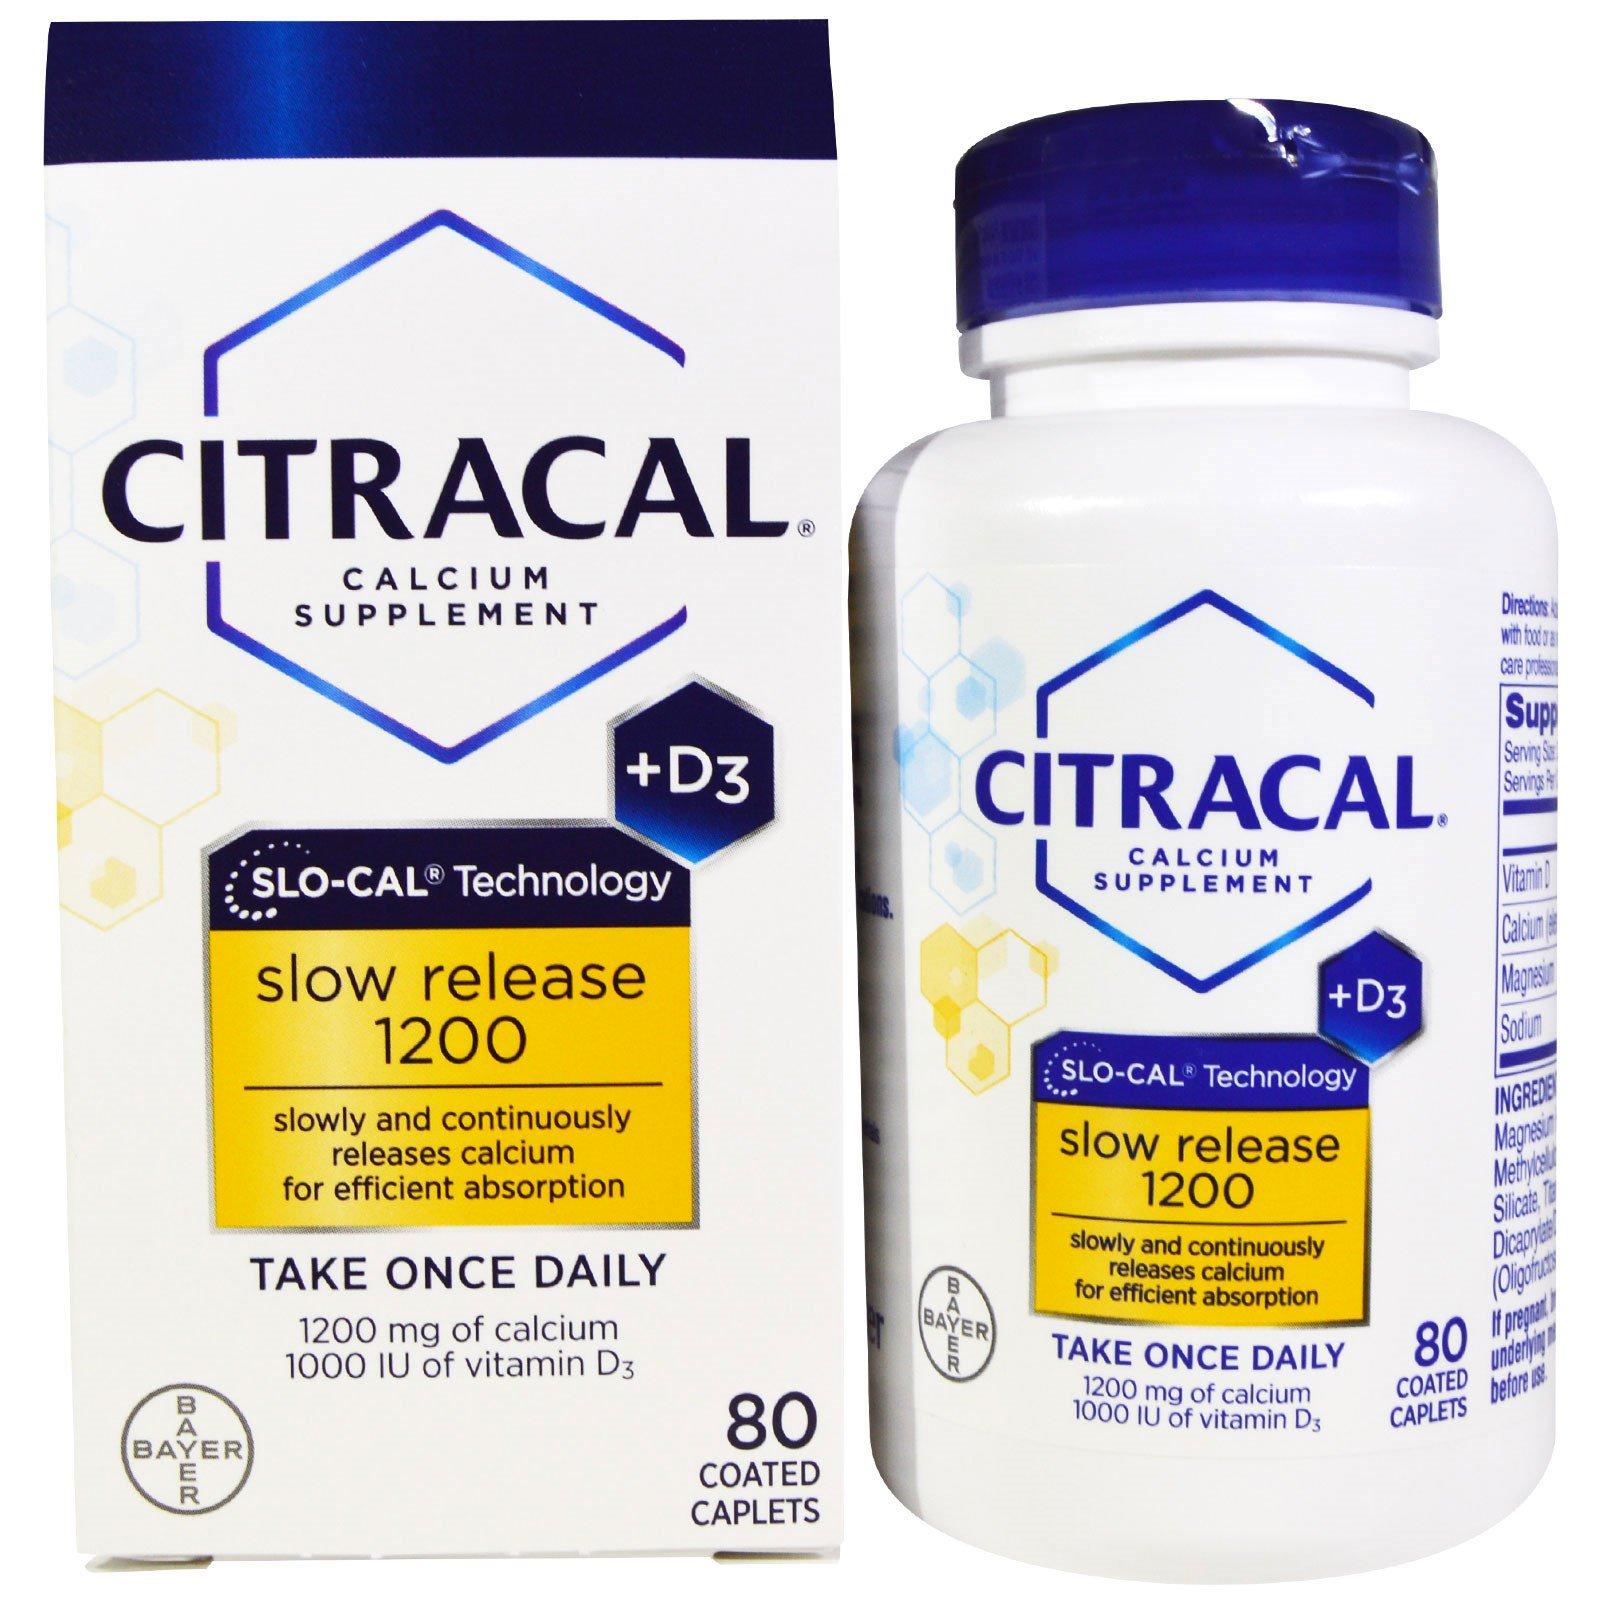 Citracal, Добавка кальция, медленное высвобождение 1200 + D3, 80 таблеток, покрытых оболочкой